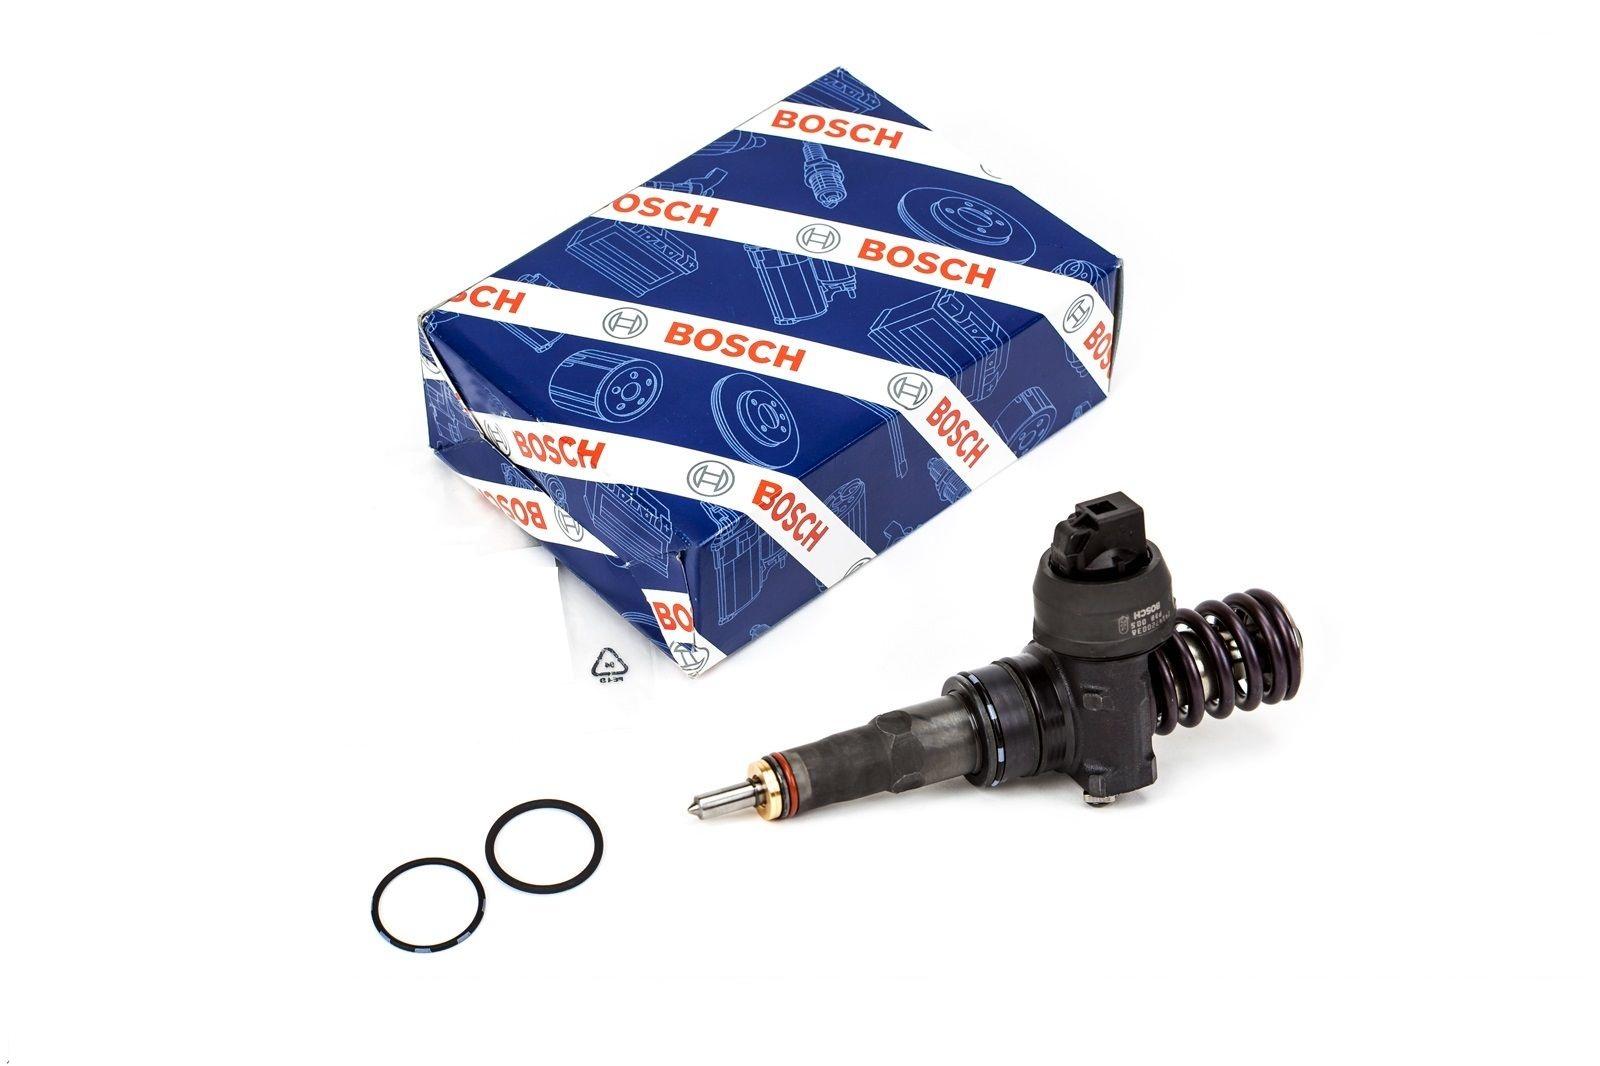 Injectoare Pompa Duza Bosch Audi / Seat / VW 1.9 TDI